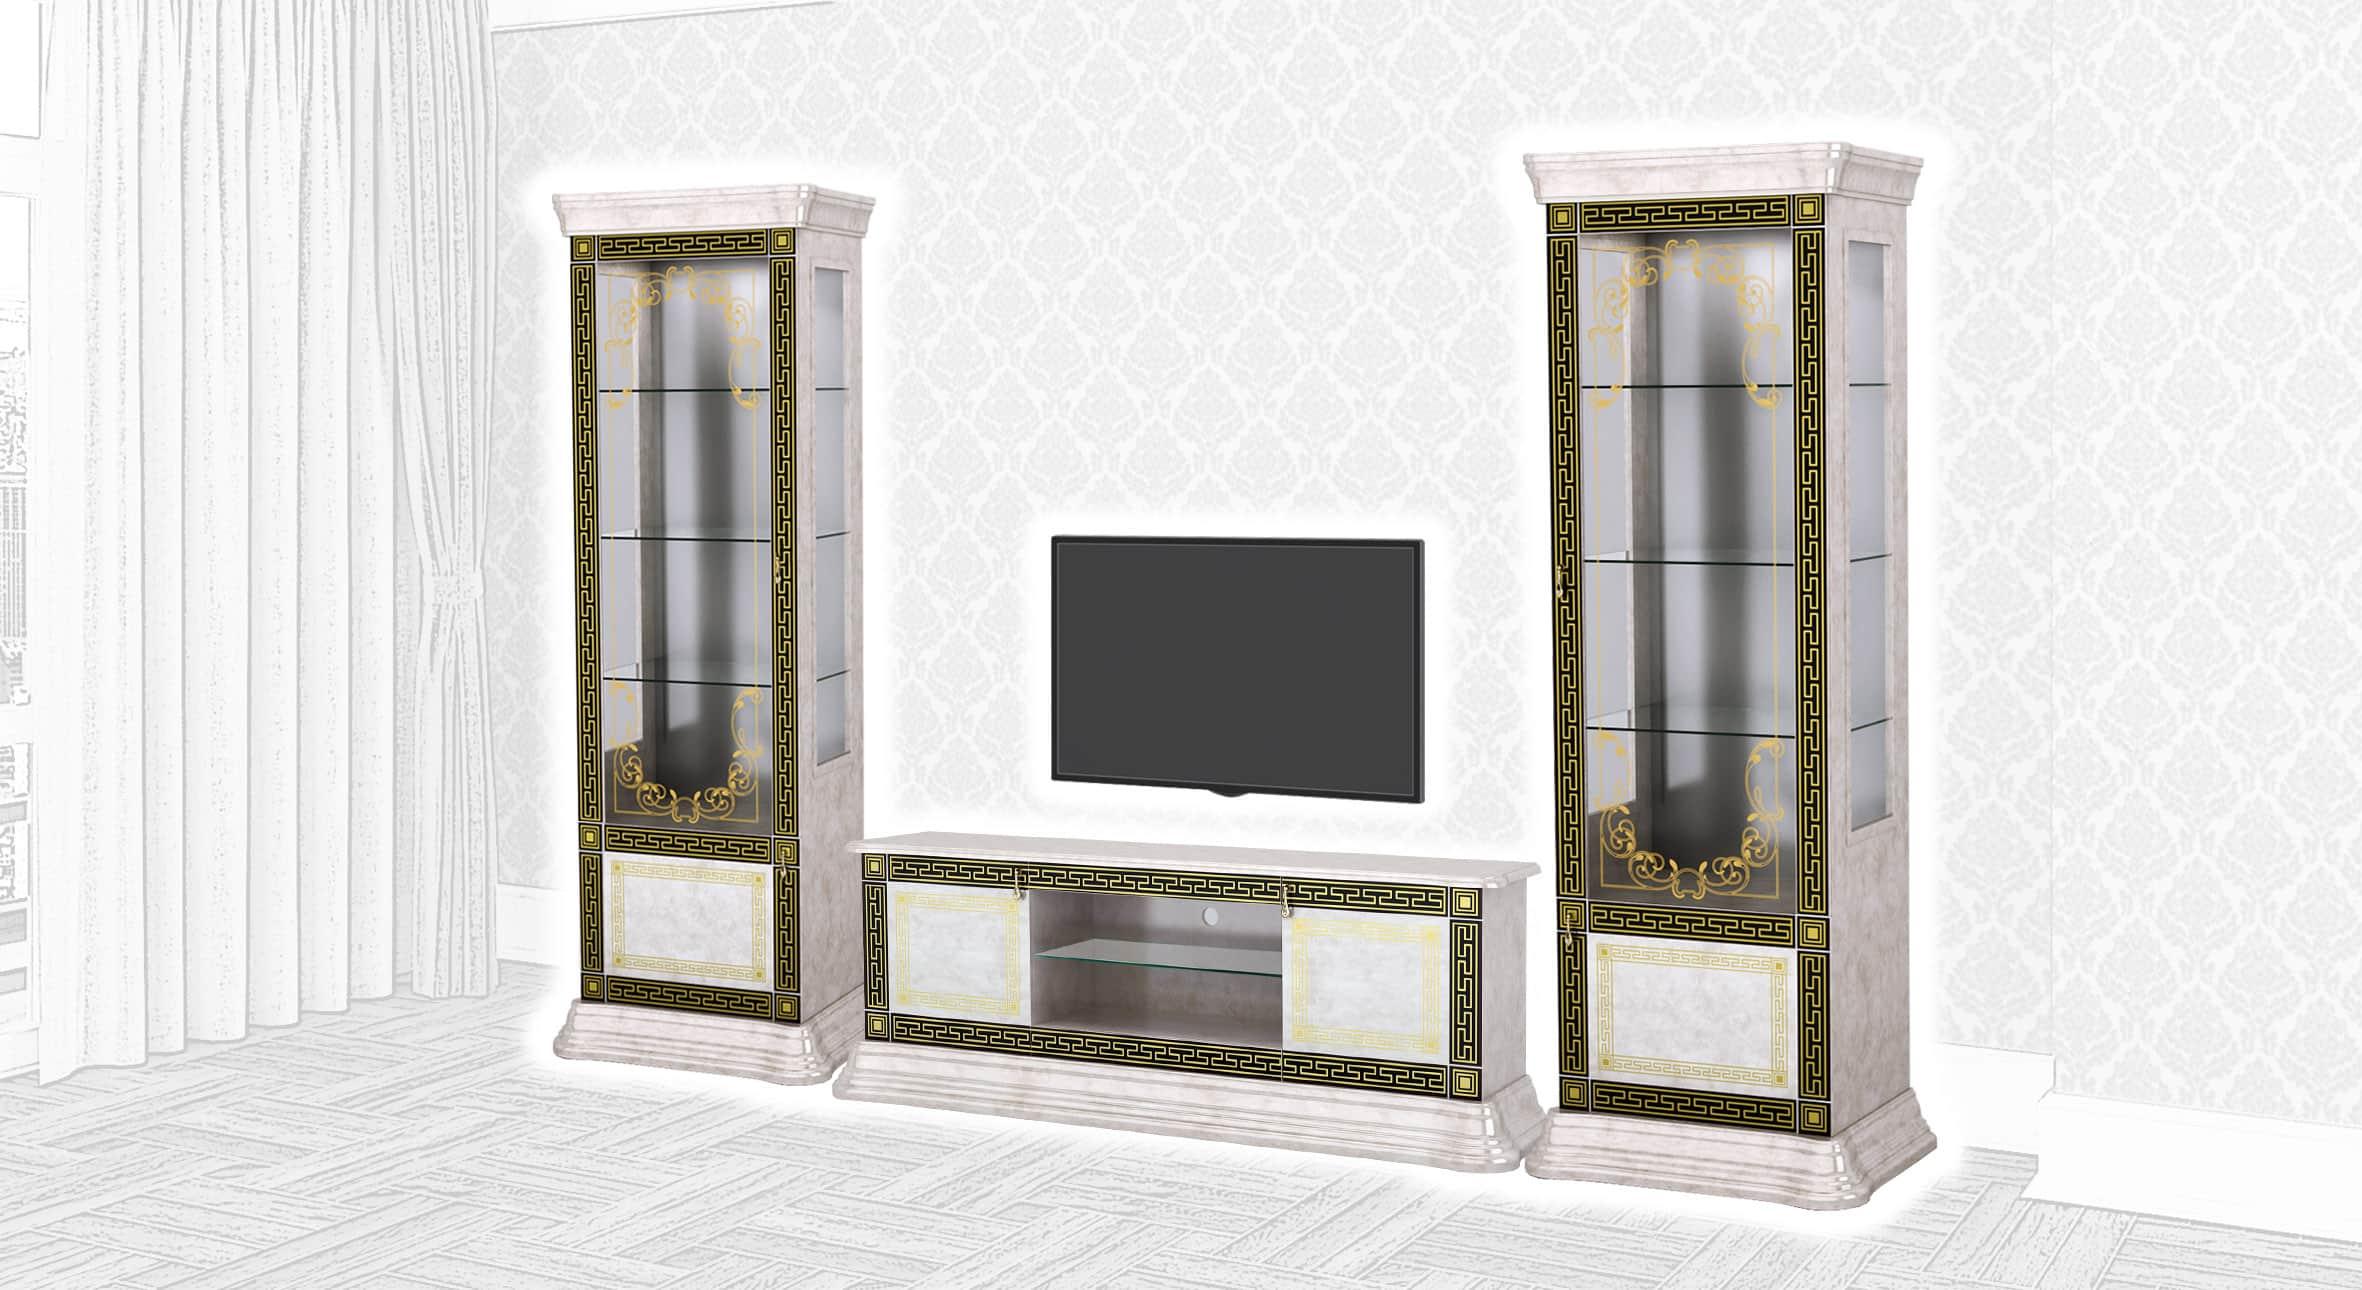 Карта свободаПартнерыЛилия. Мебельный салон Лилия предлагает Вам качественную мебель от производителя по.